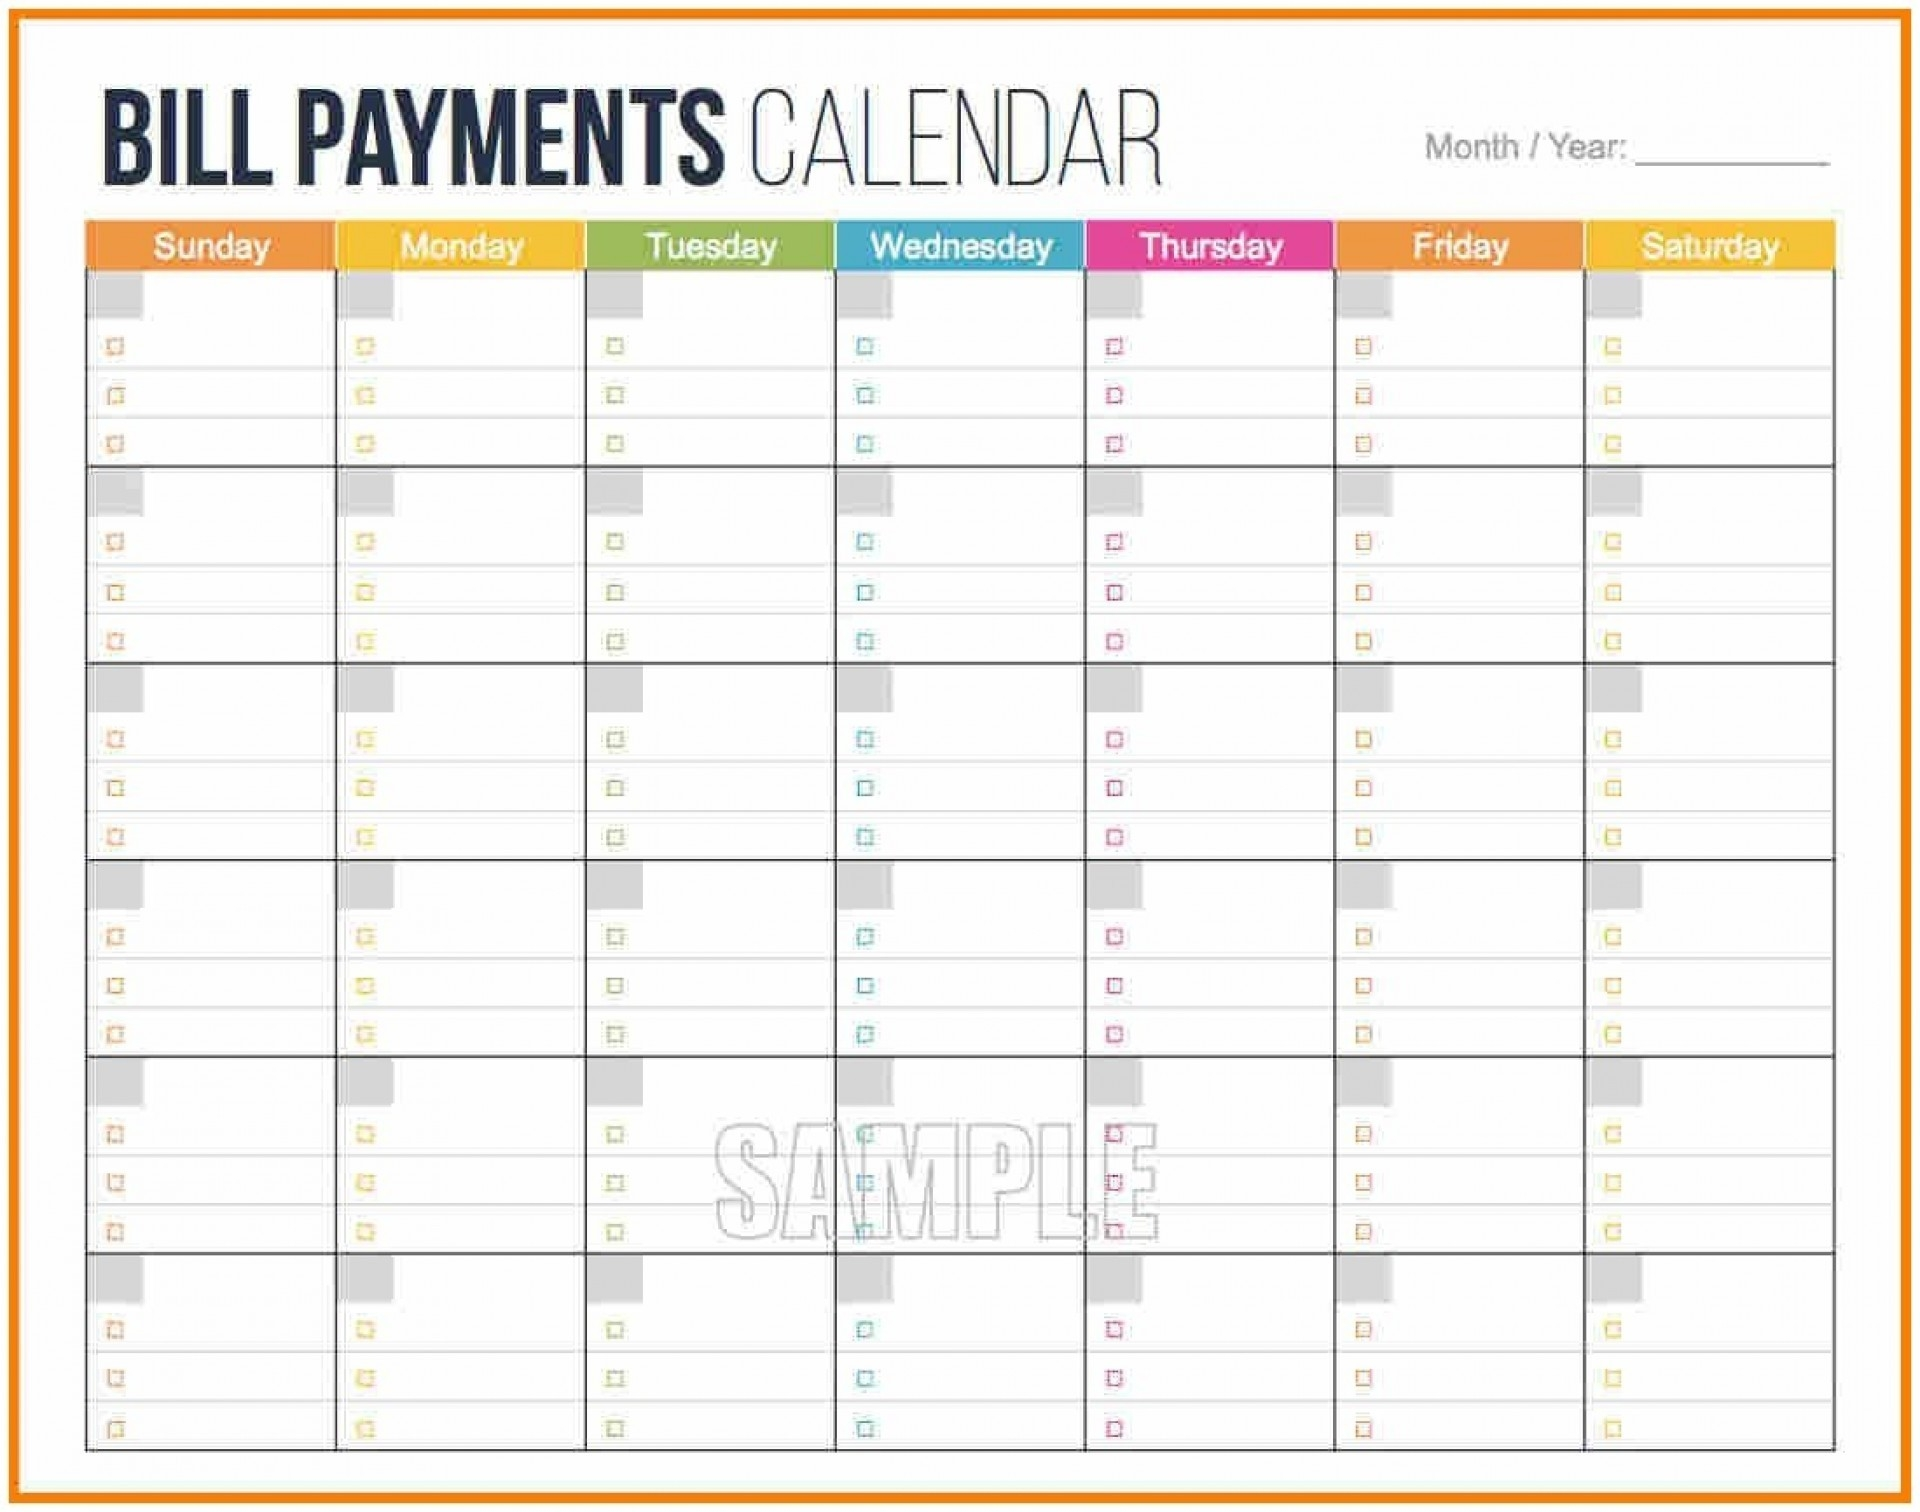 Monthly Payment Calendar Schedule Worksheet   Calendar ...